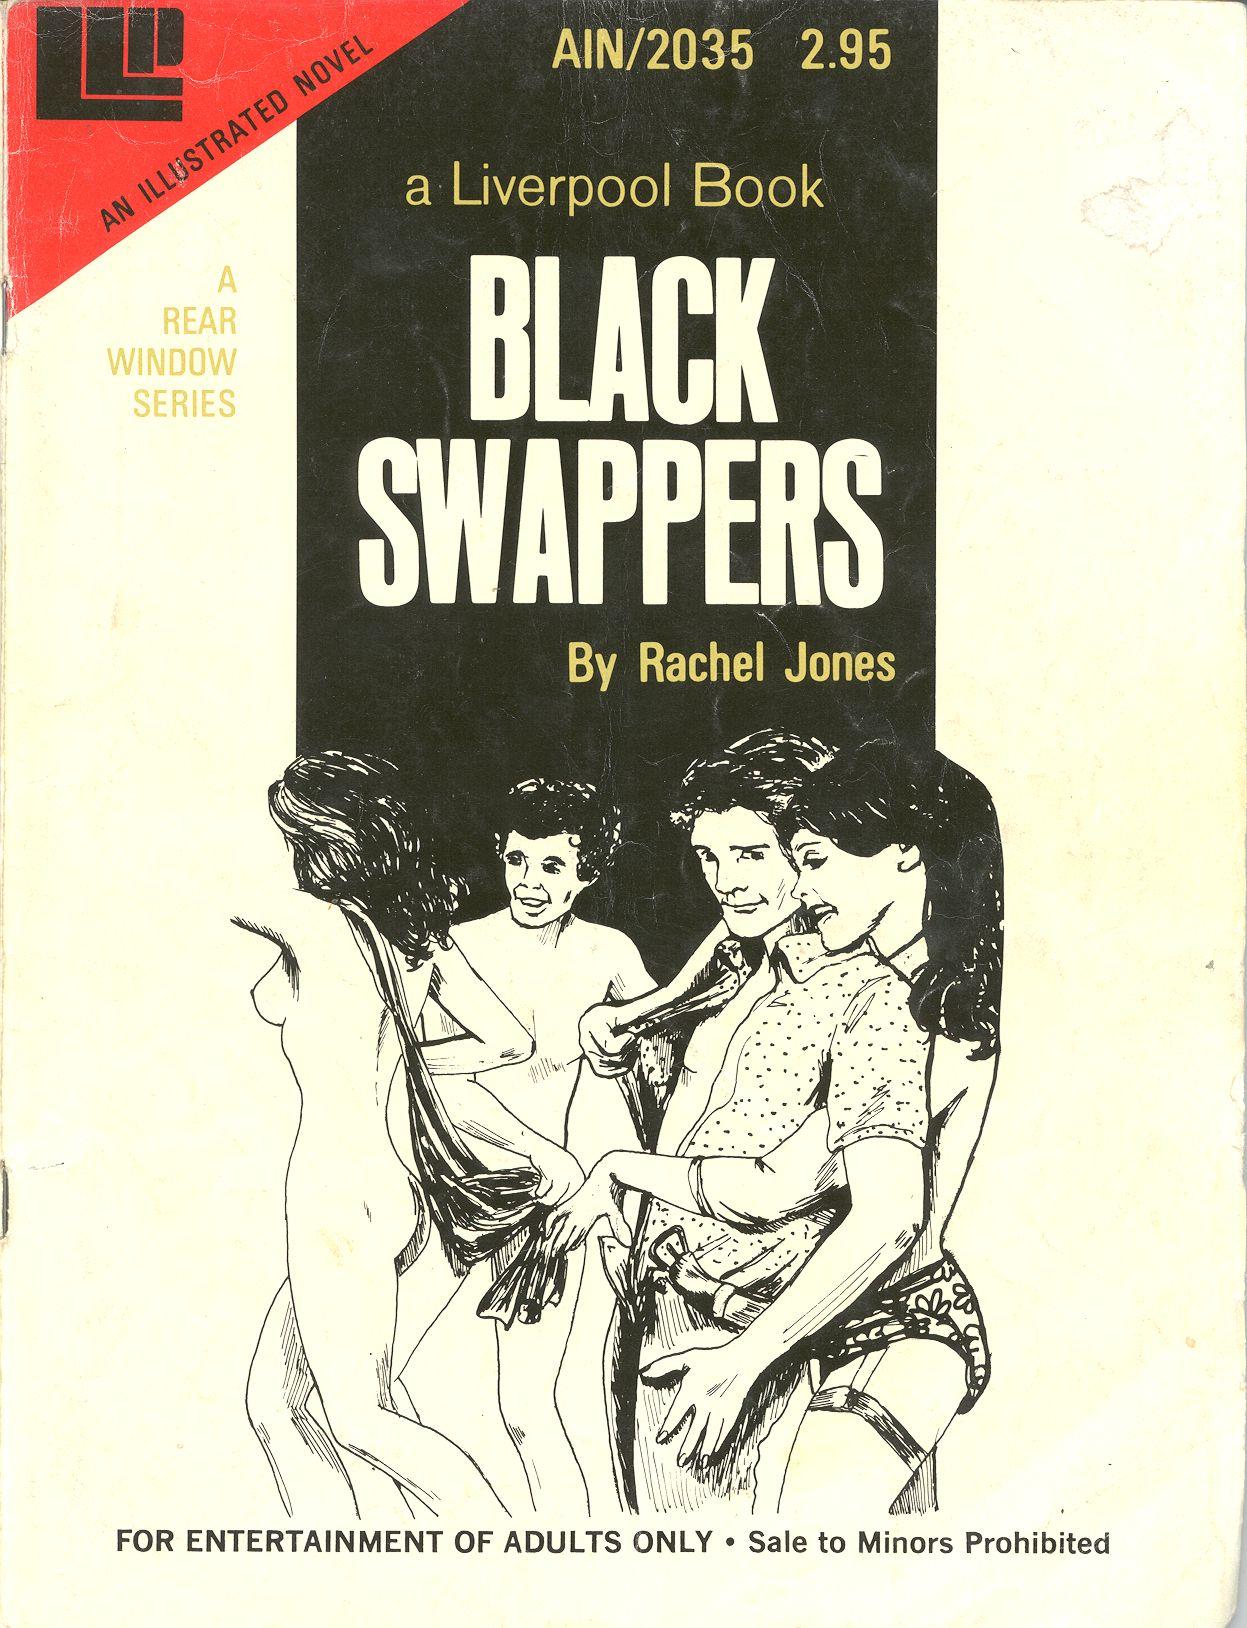 Black Swappers by Rachel Jones - Ebook